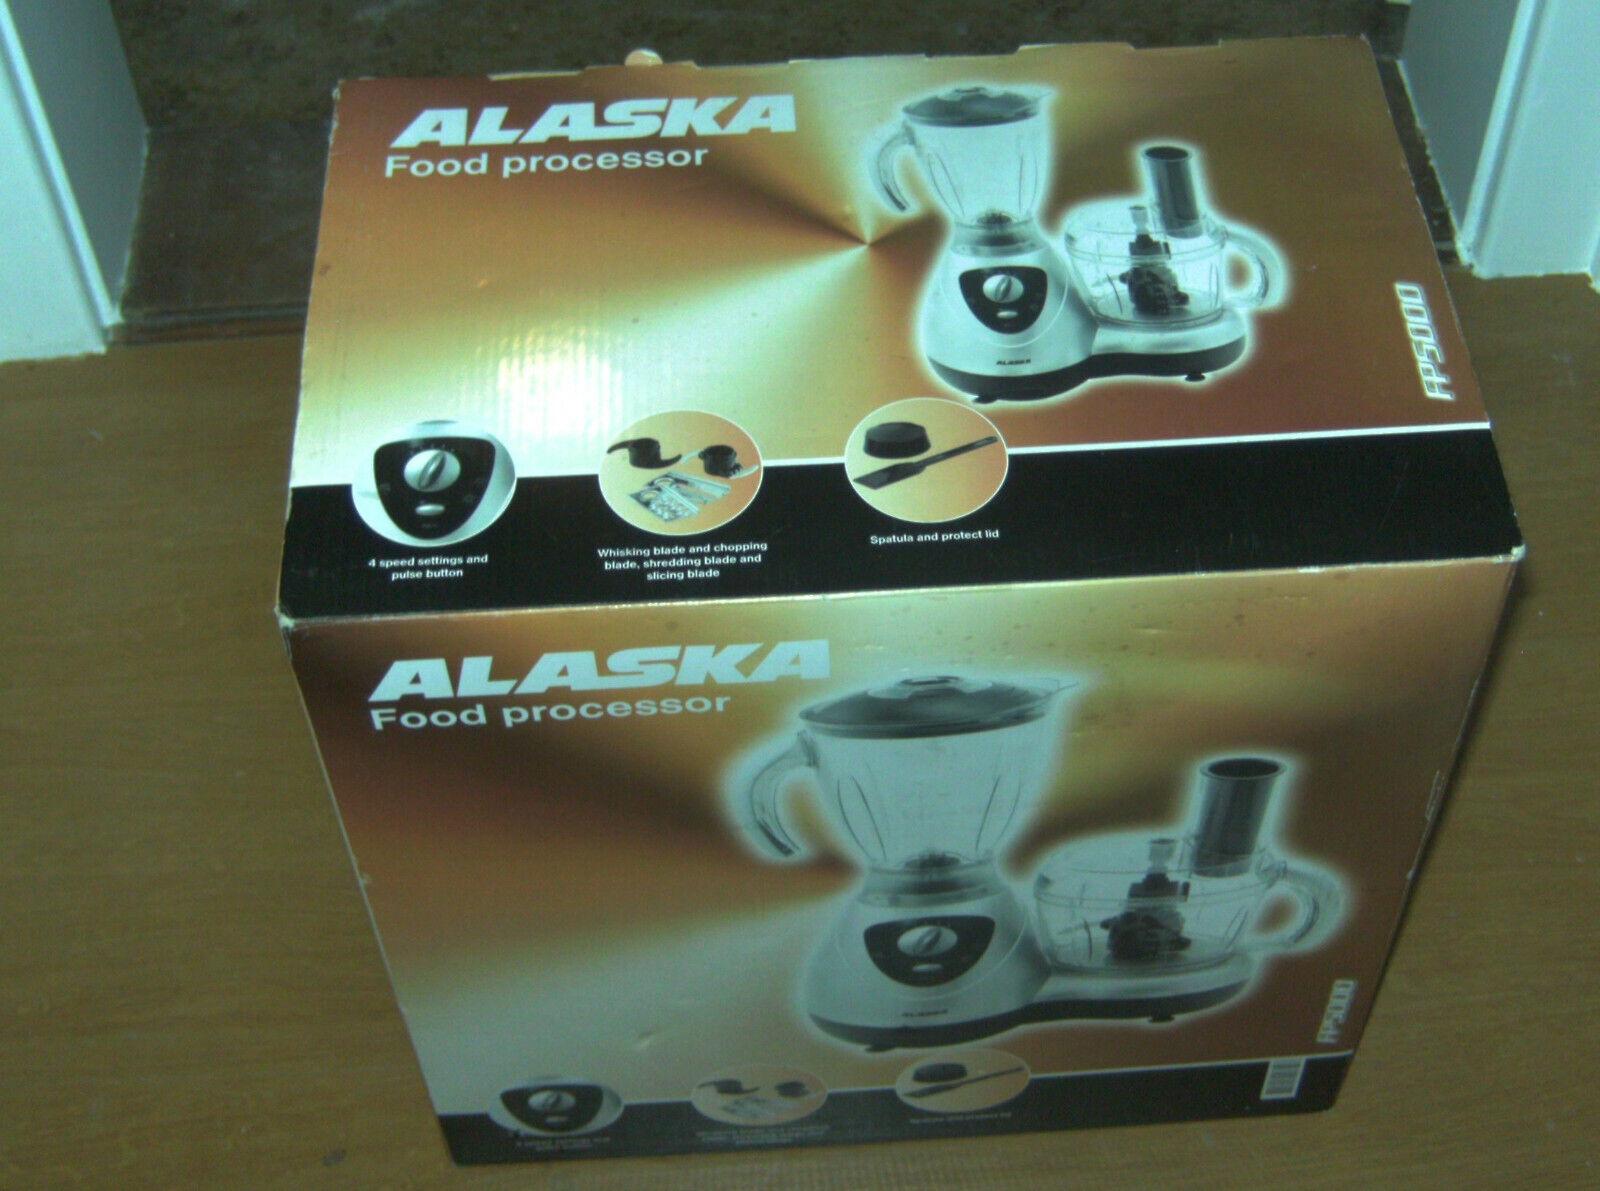 Universal Küchenmaschine Alaska unbenutzt einwandfrei in Original Verp.